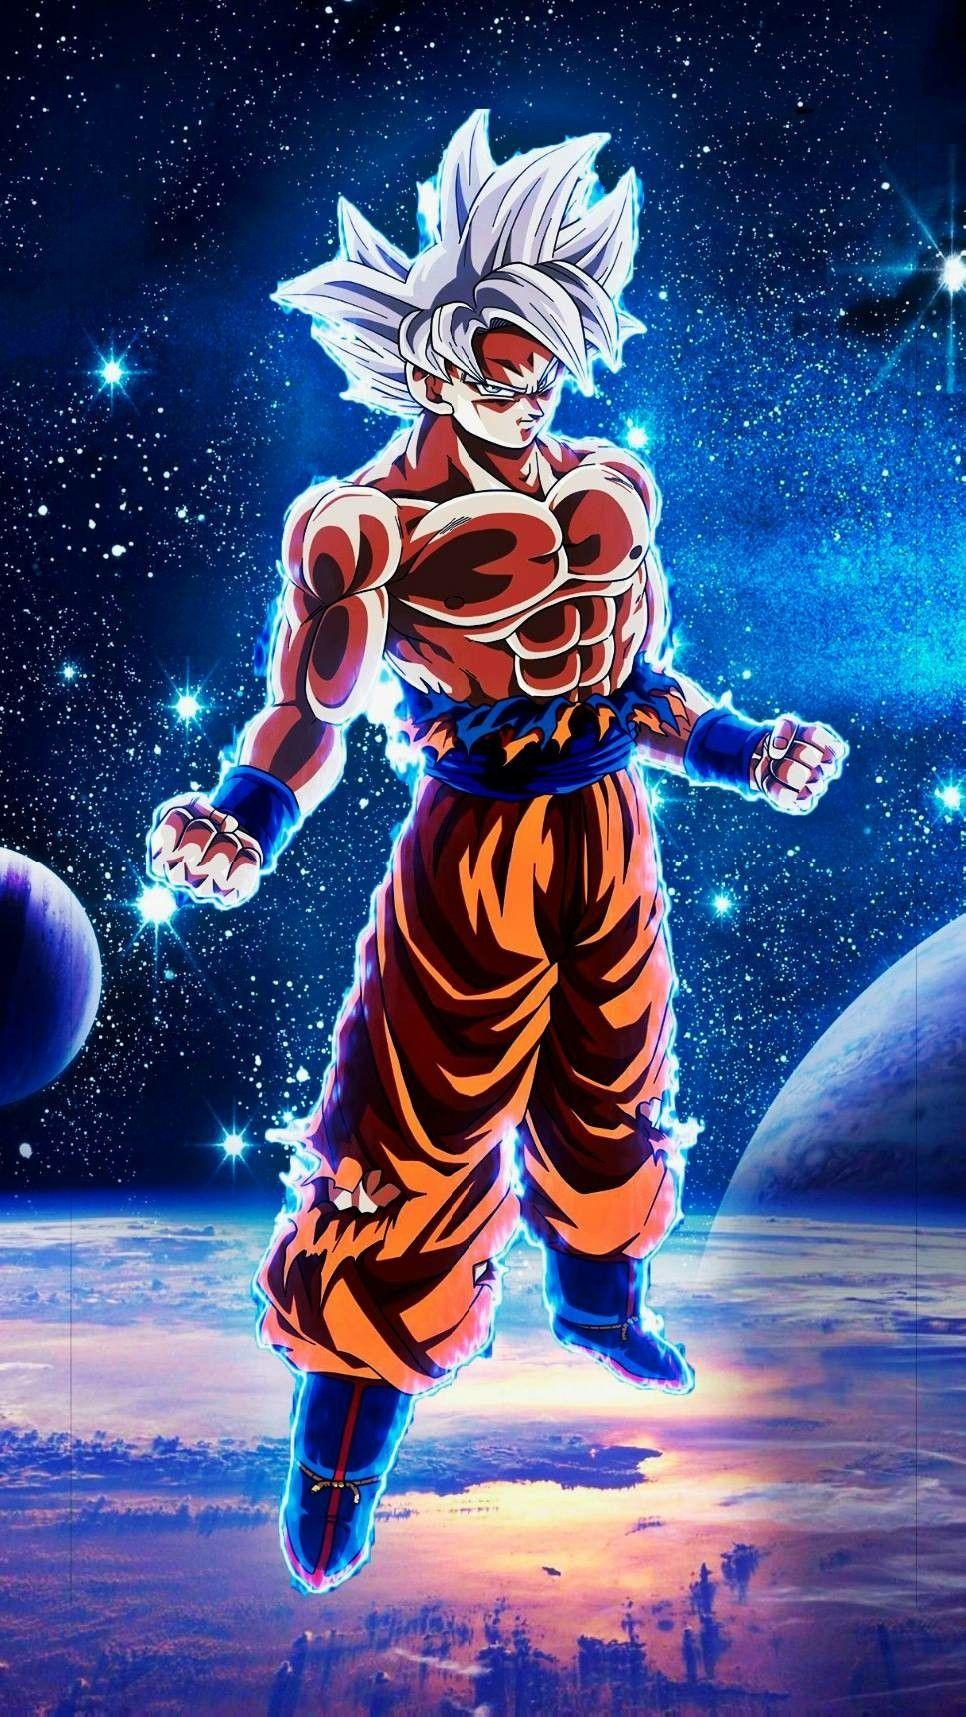 Gokú Migatte No Gokui Dominado Universo Dbz Dragon Ball Goku